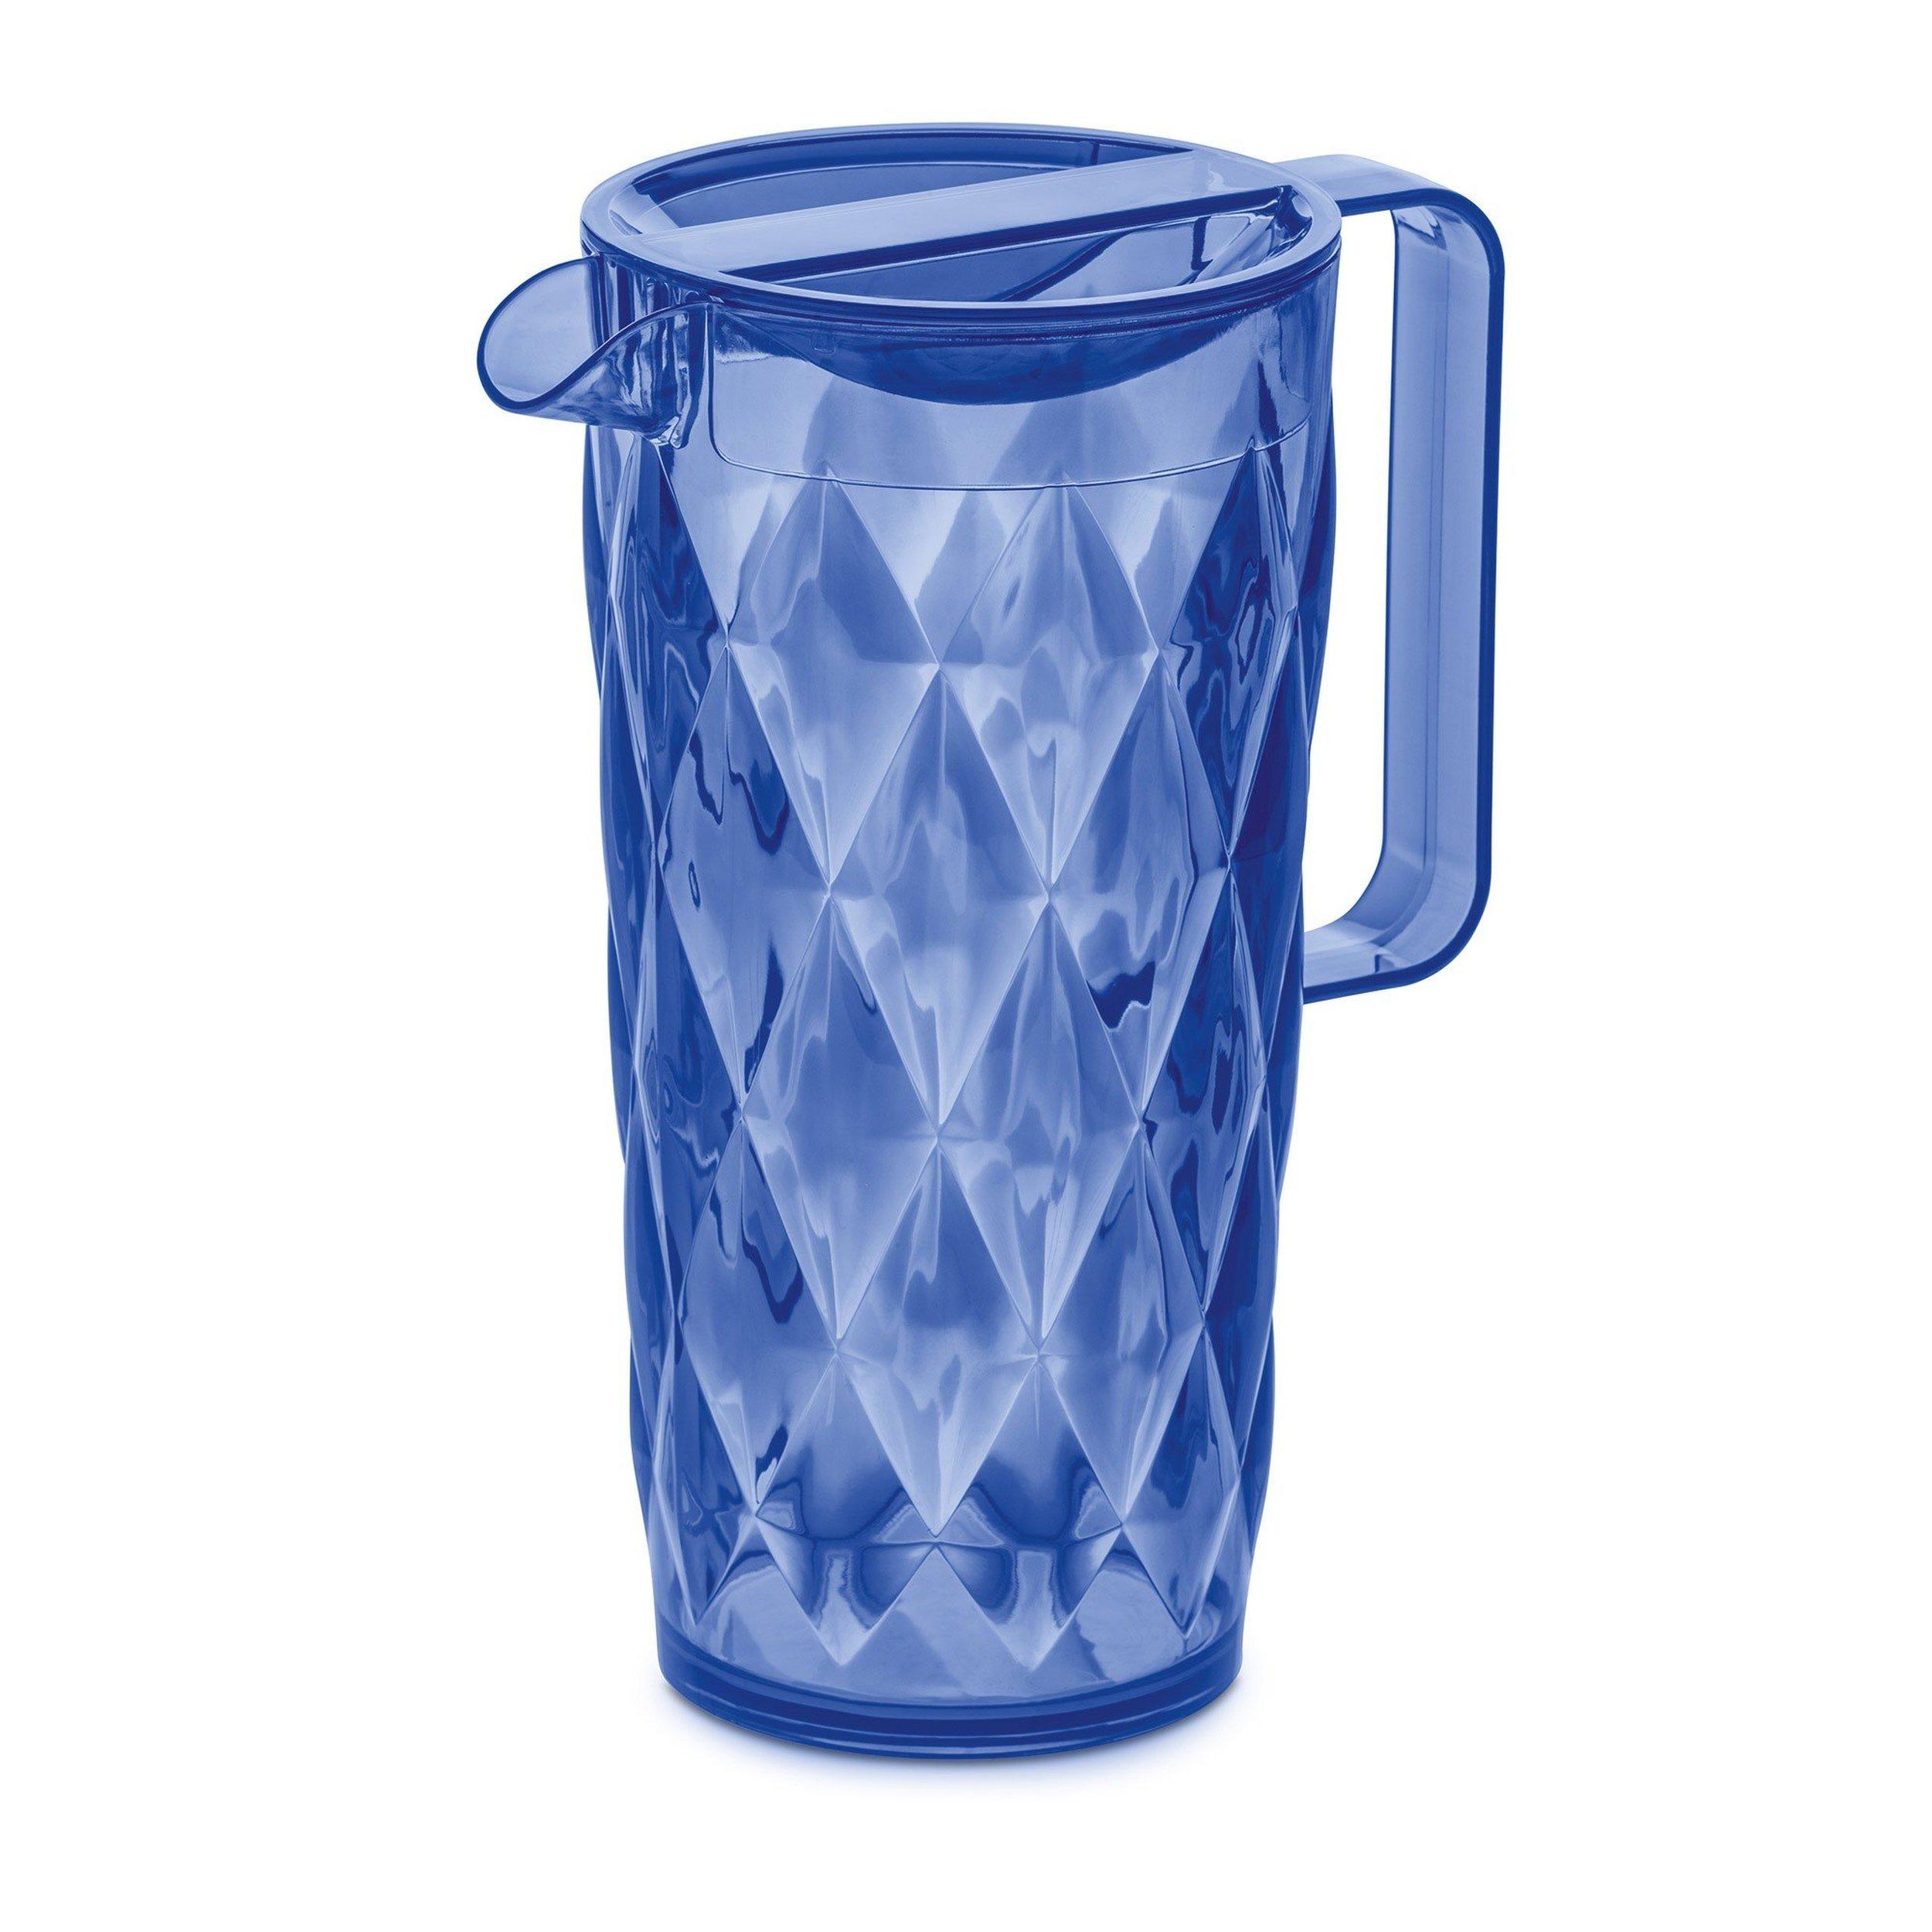 Dzbanek Crystal jasnoniebieski